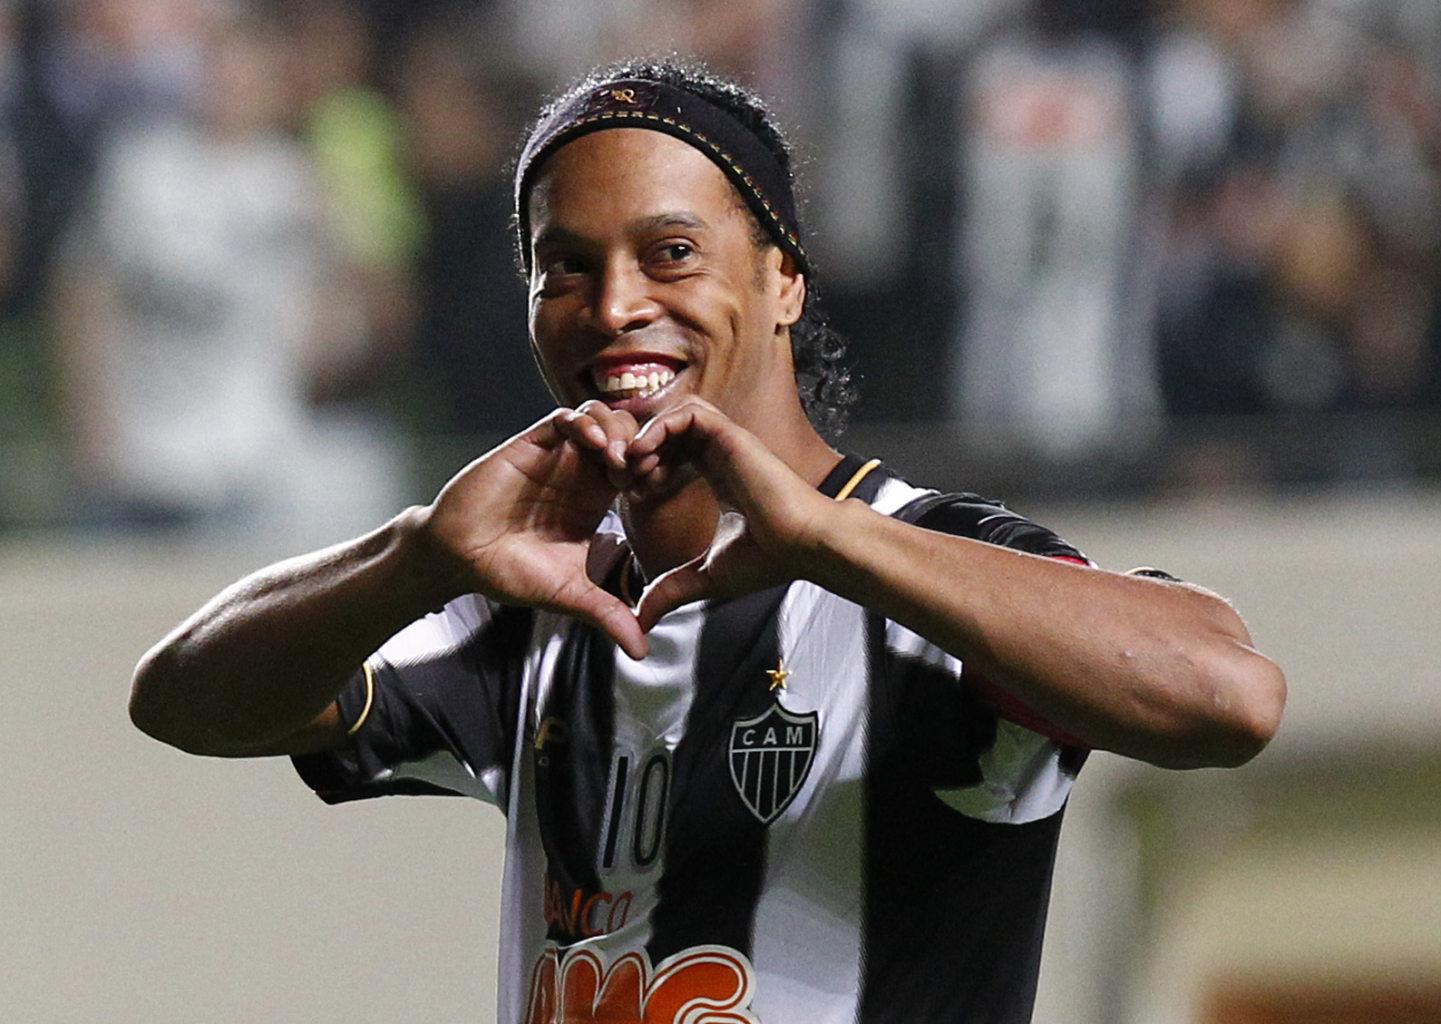 رسمياً … رونالدينيو يعلن اعتزاله كرة القدم